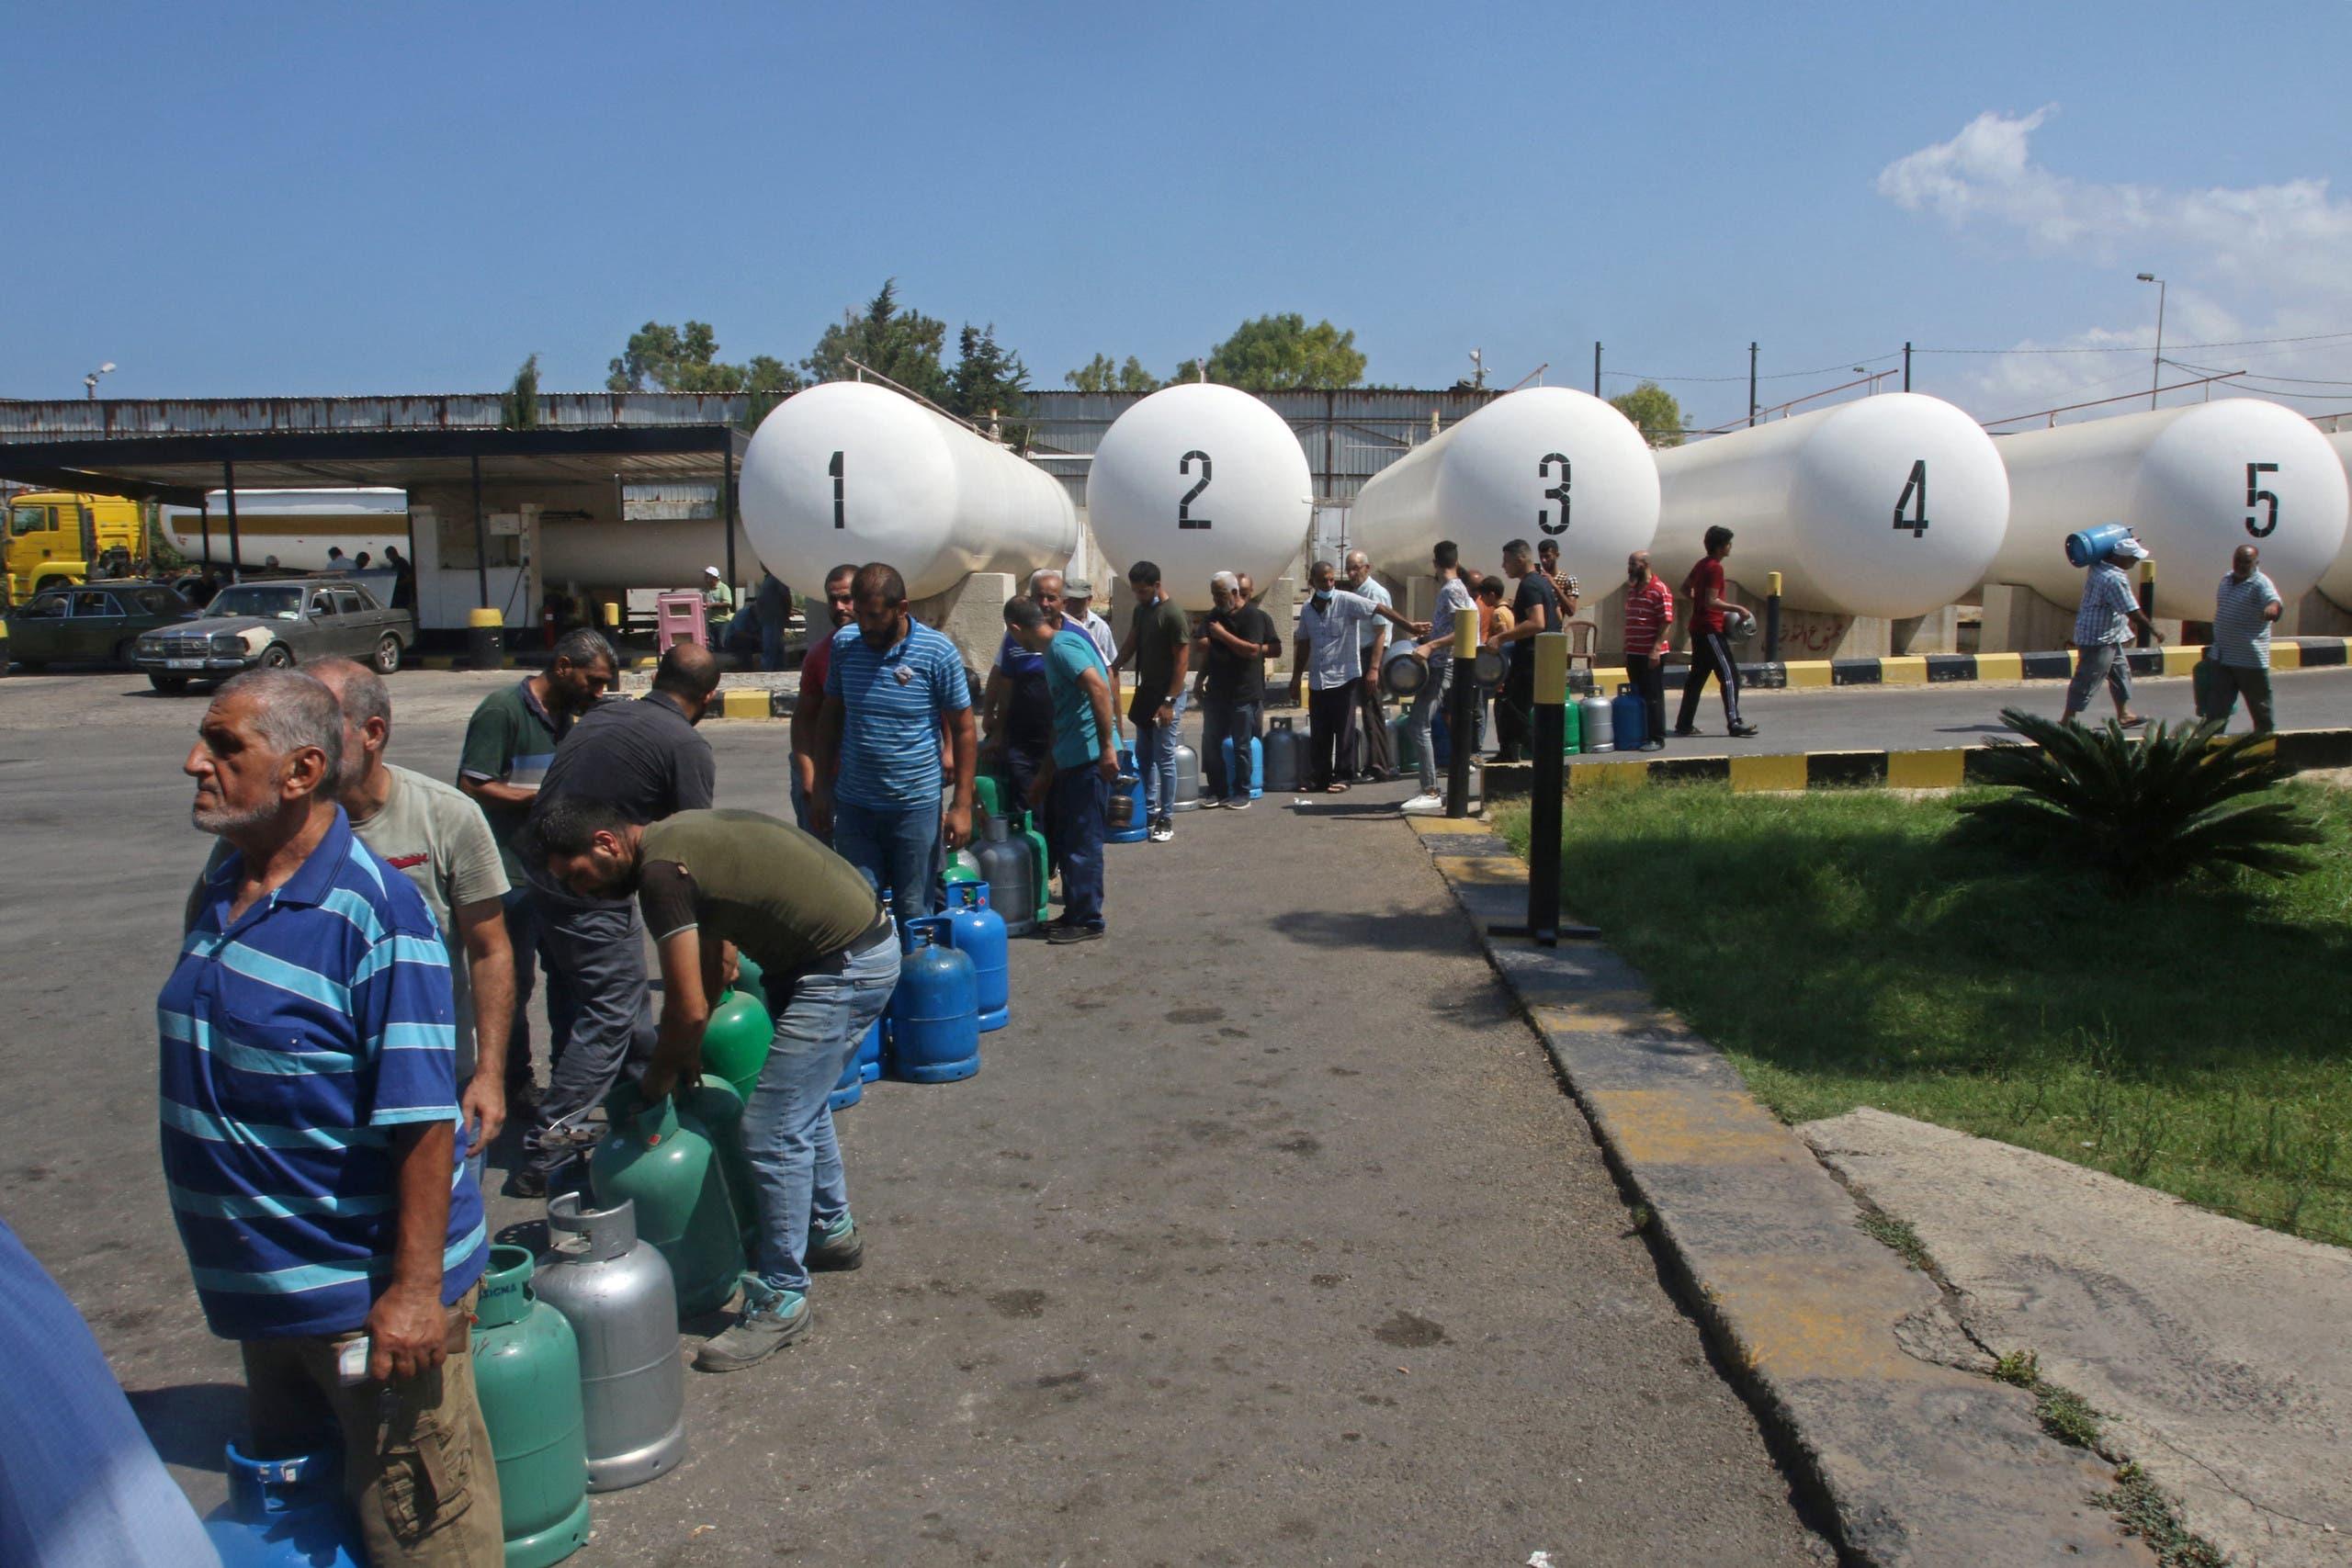 طابور انتظار في صيدا للحصول على الغاز المنزلي